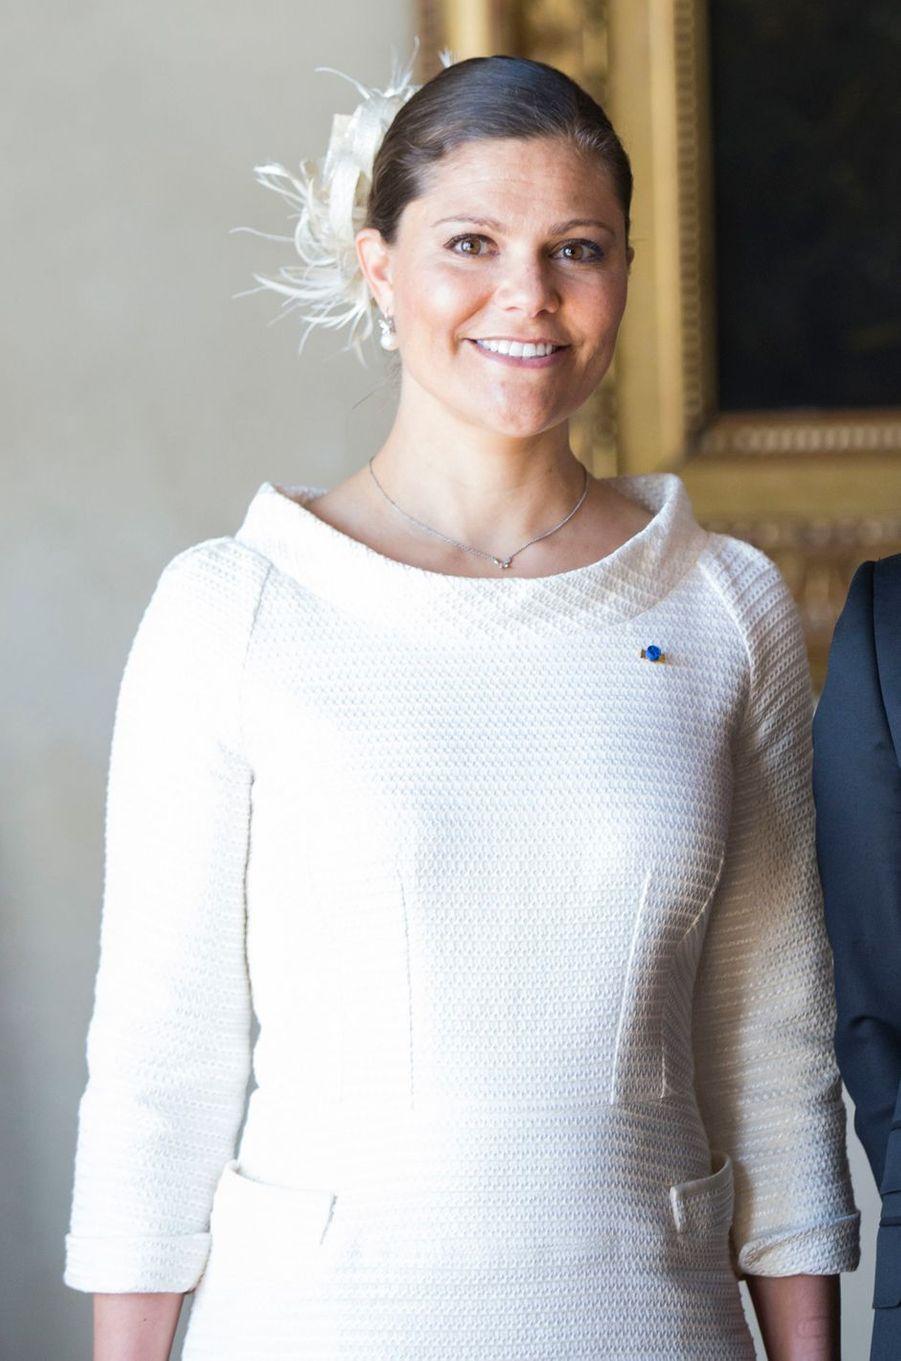 Au deuxième jour de la visite d'État de la présidente du Chili en Suède ce mercredi 11 mai, la princesse Victoria rayonnait, tout de blanc vêtue.